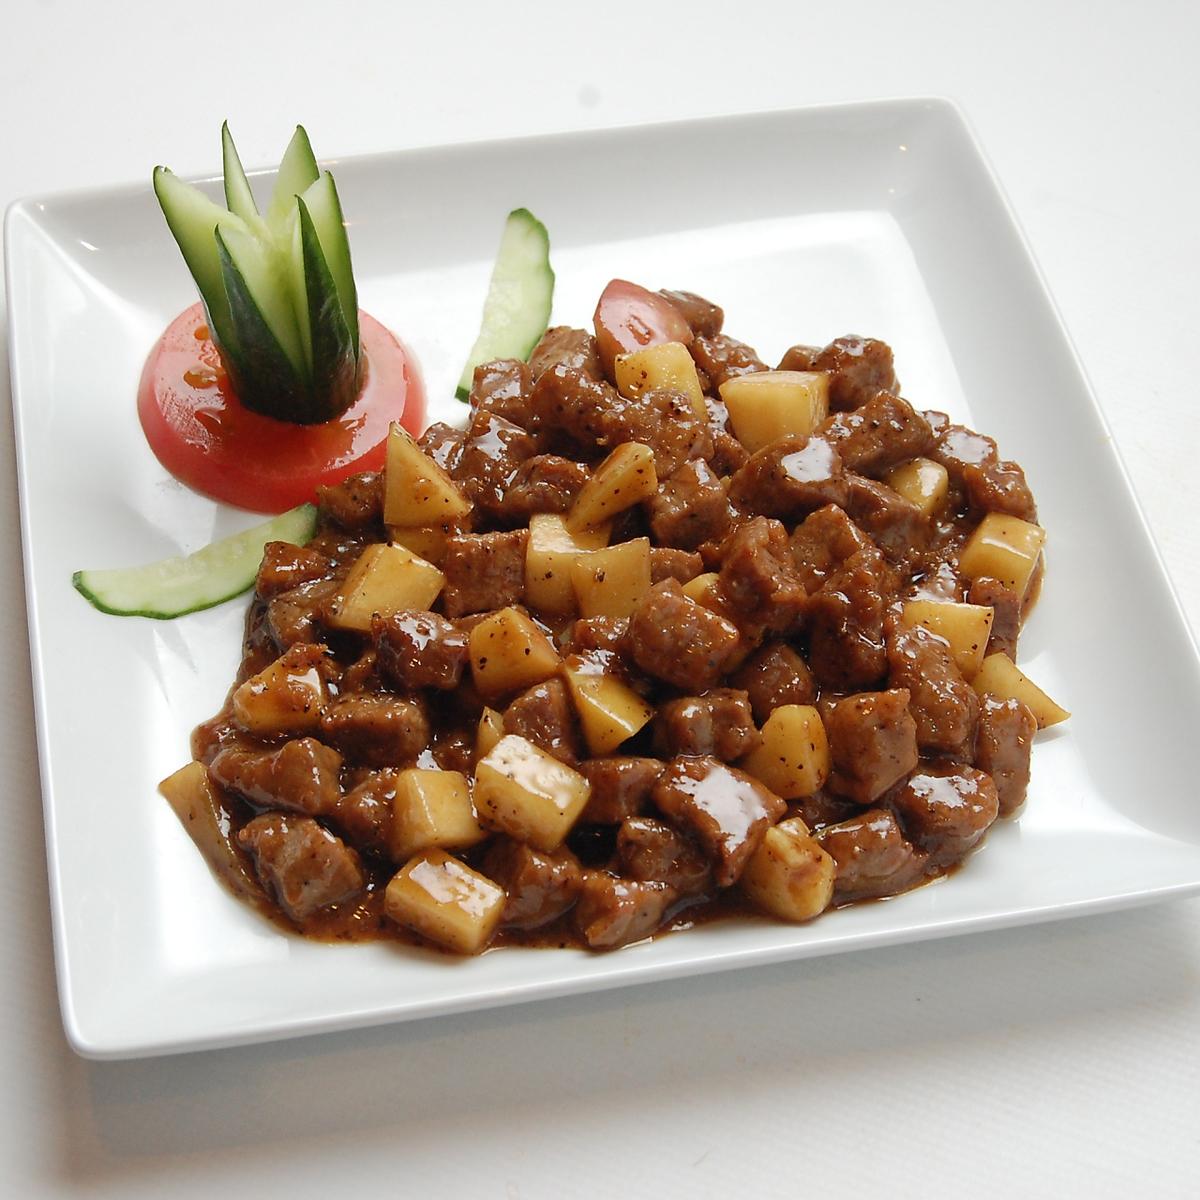 牛肉とリンゴの黒胡椒炒め